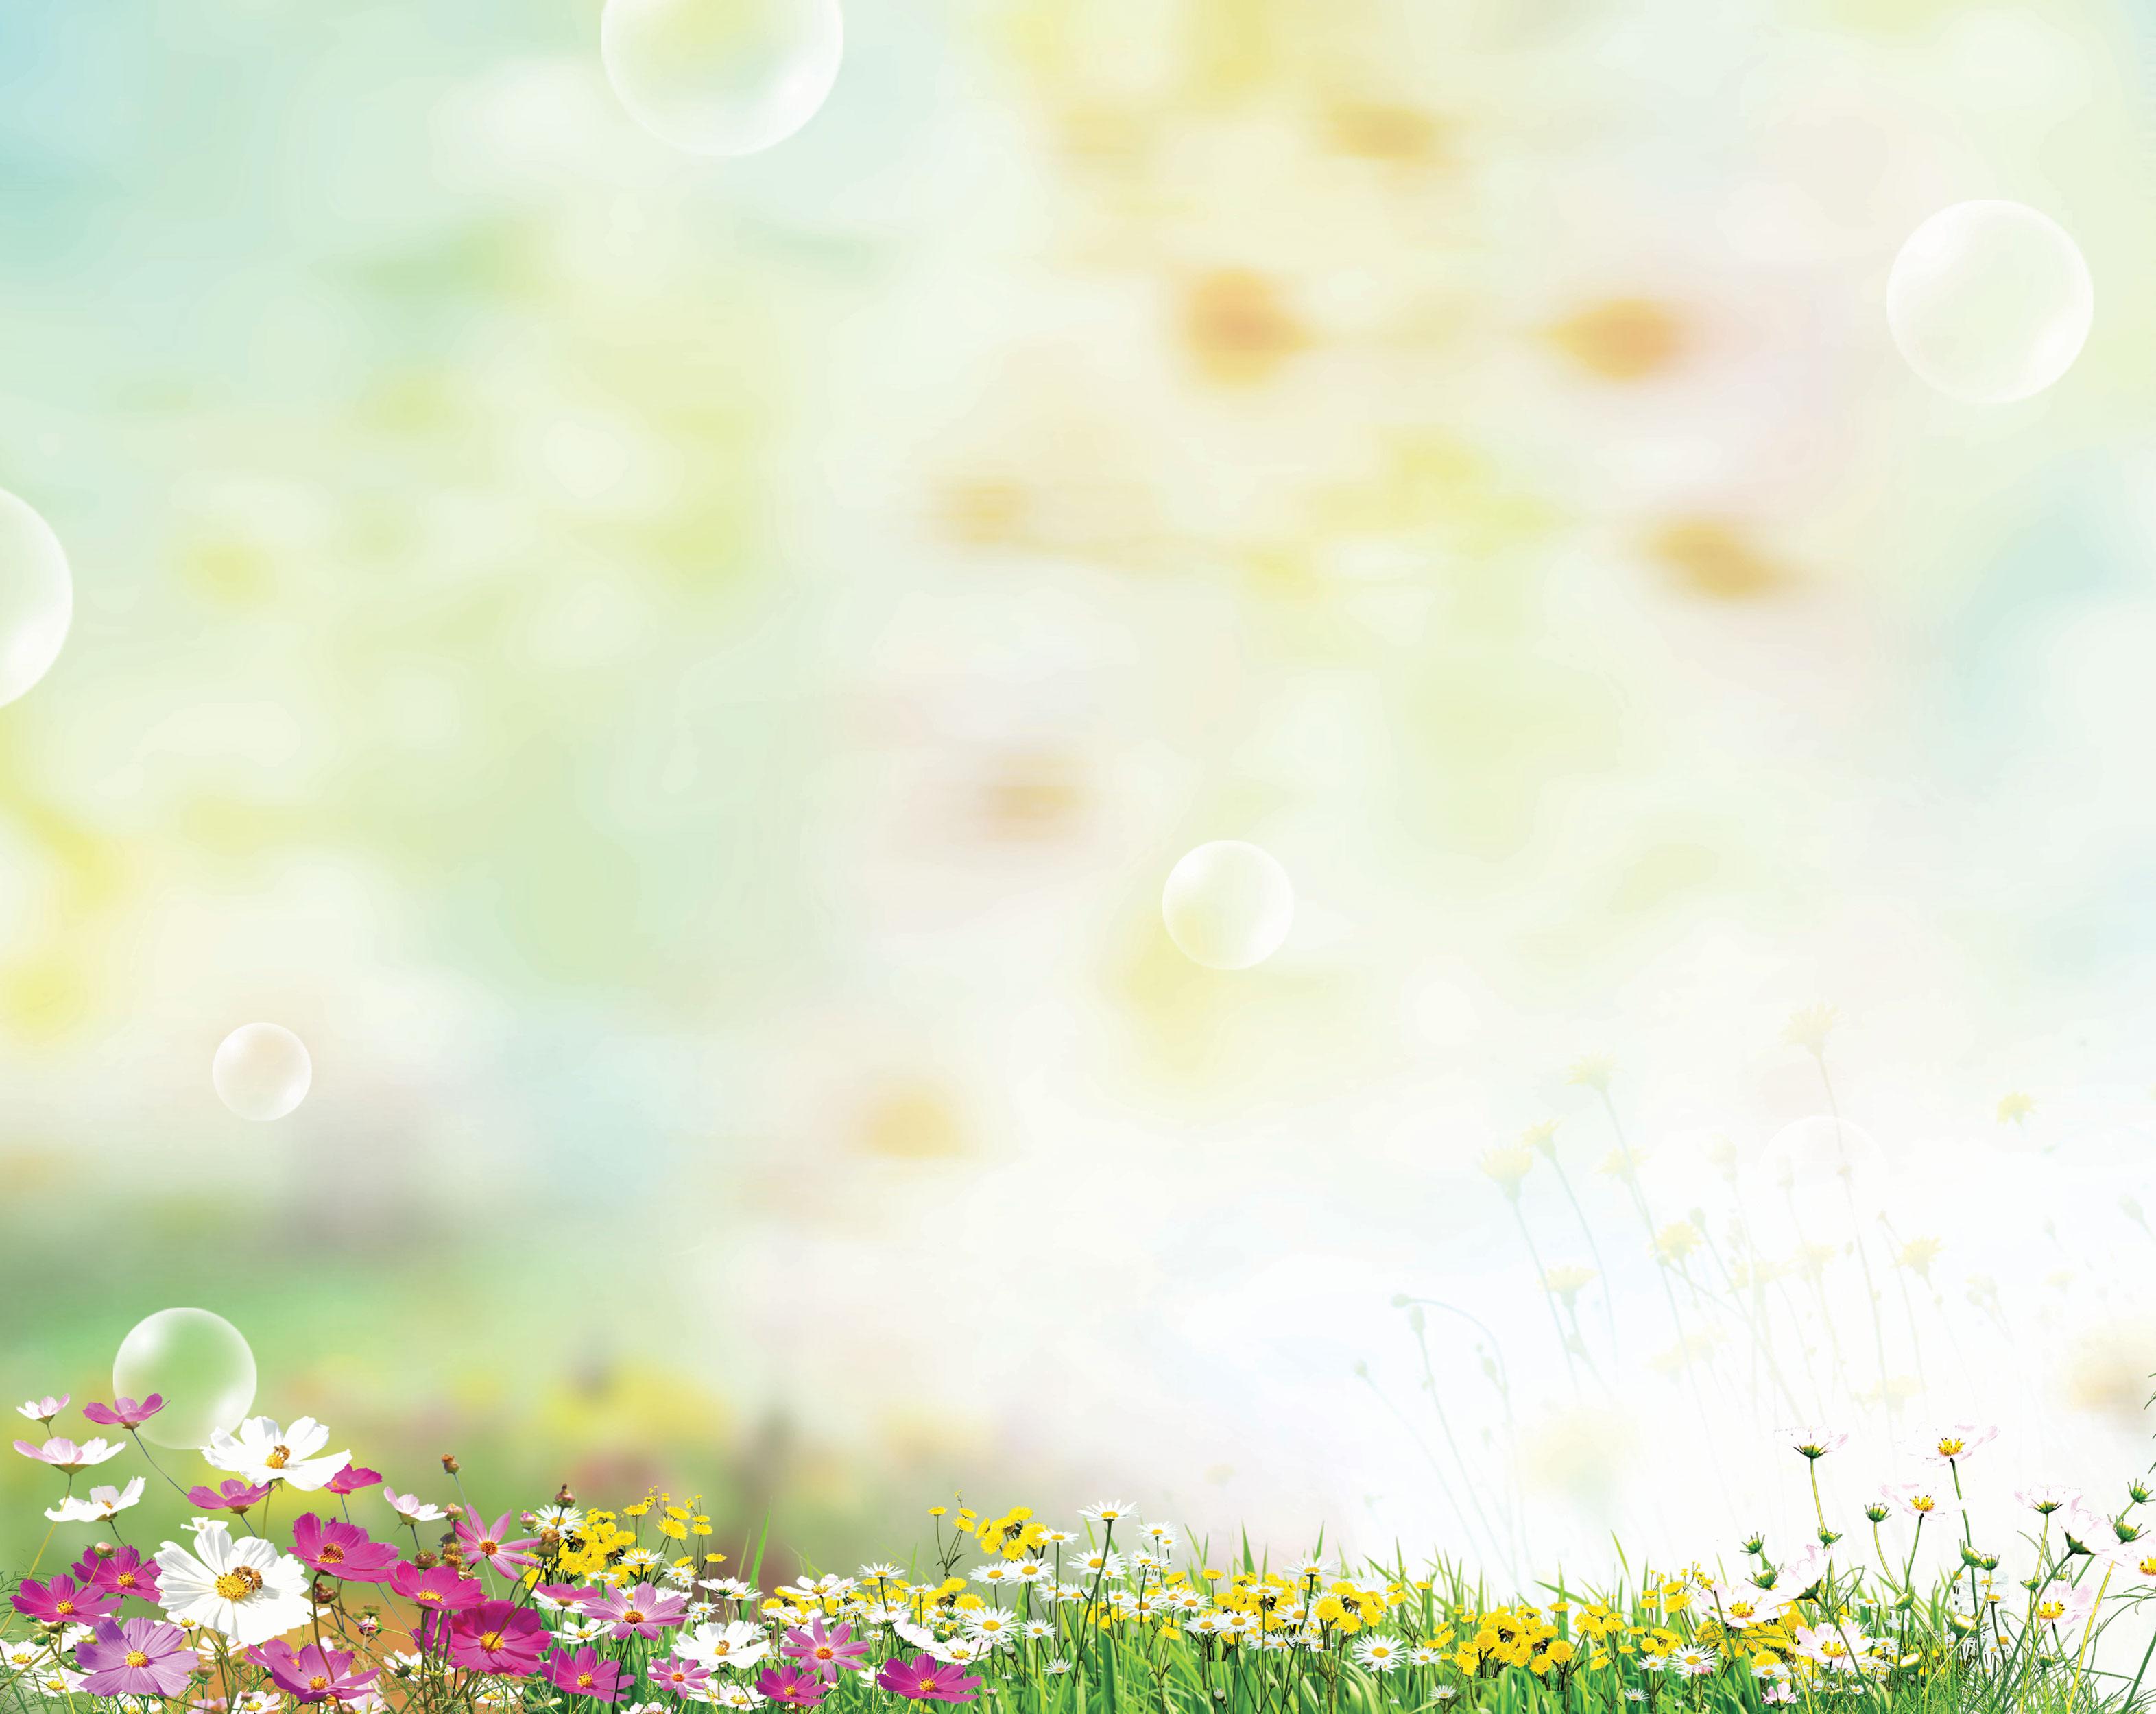 花のイラスト・フリー素材/壁紙・背景no.341『コスモス・空・シャボン玉』